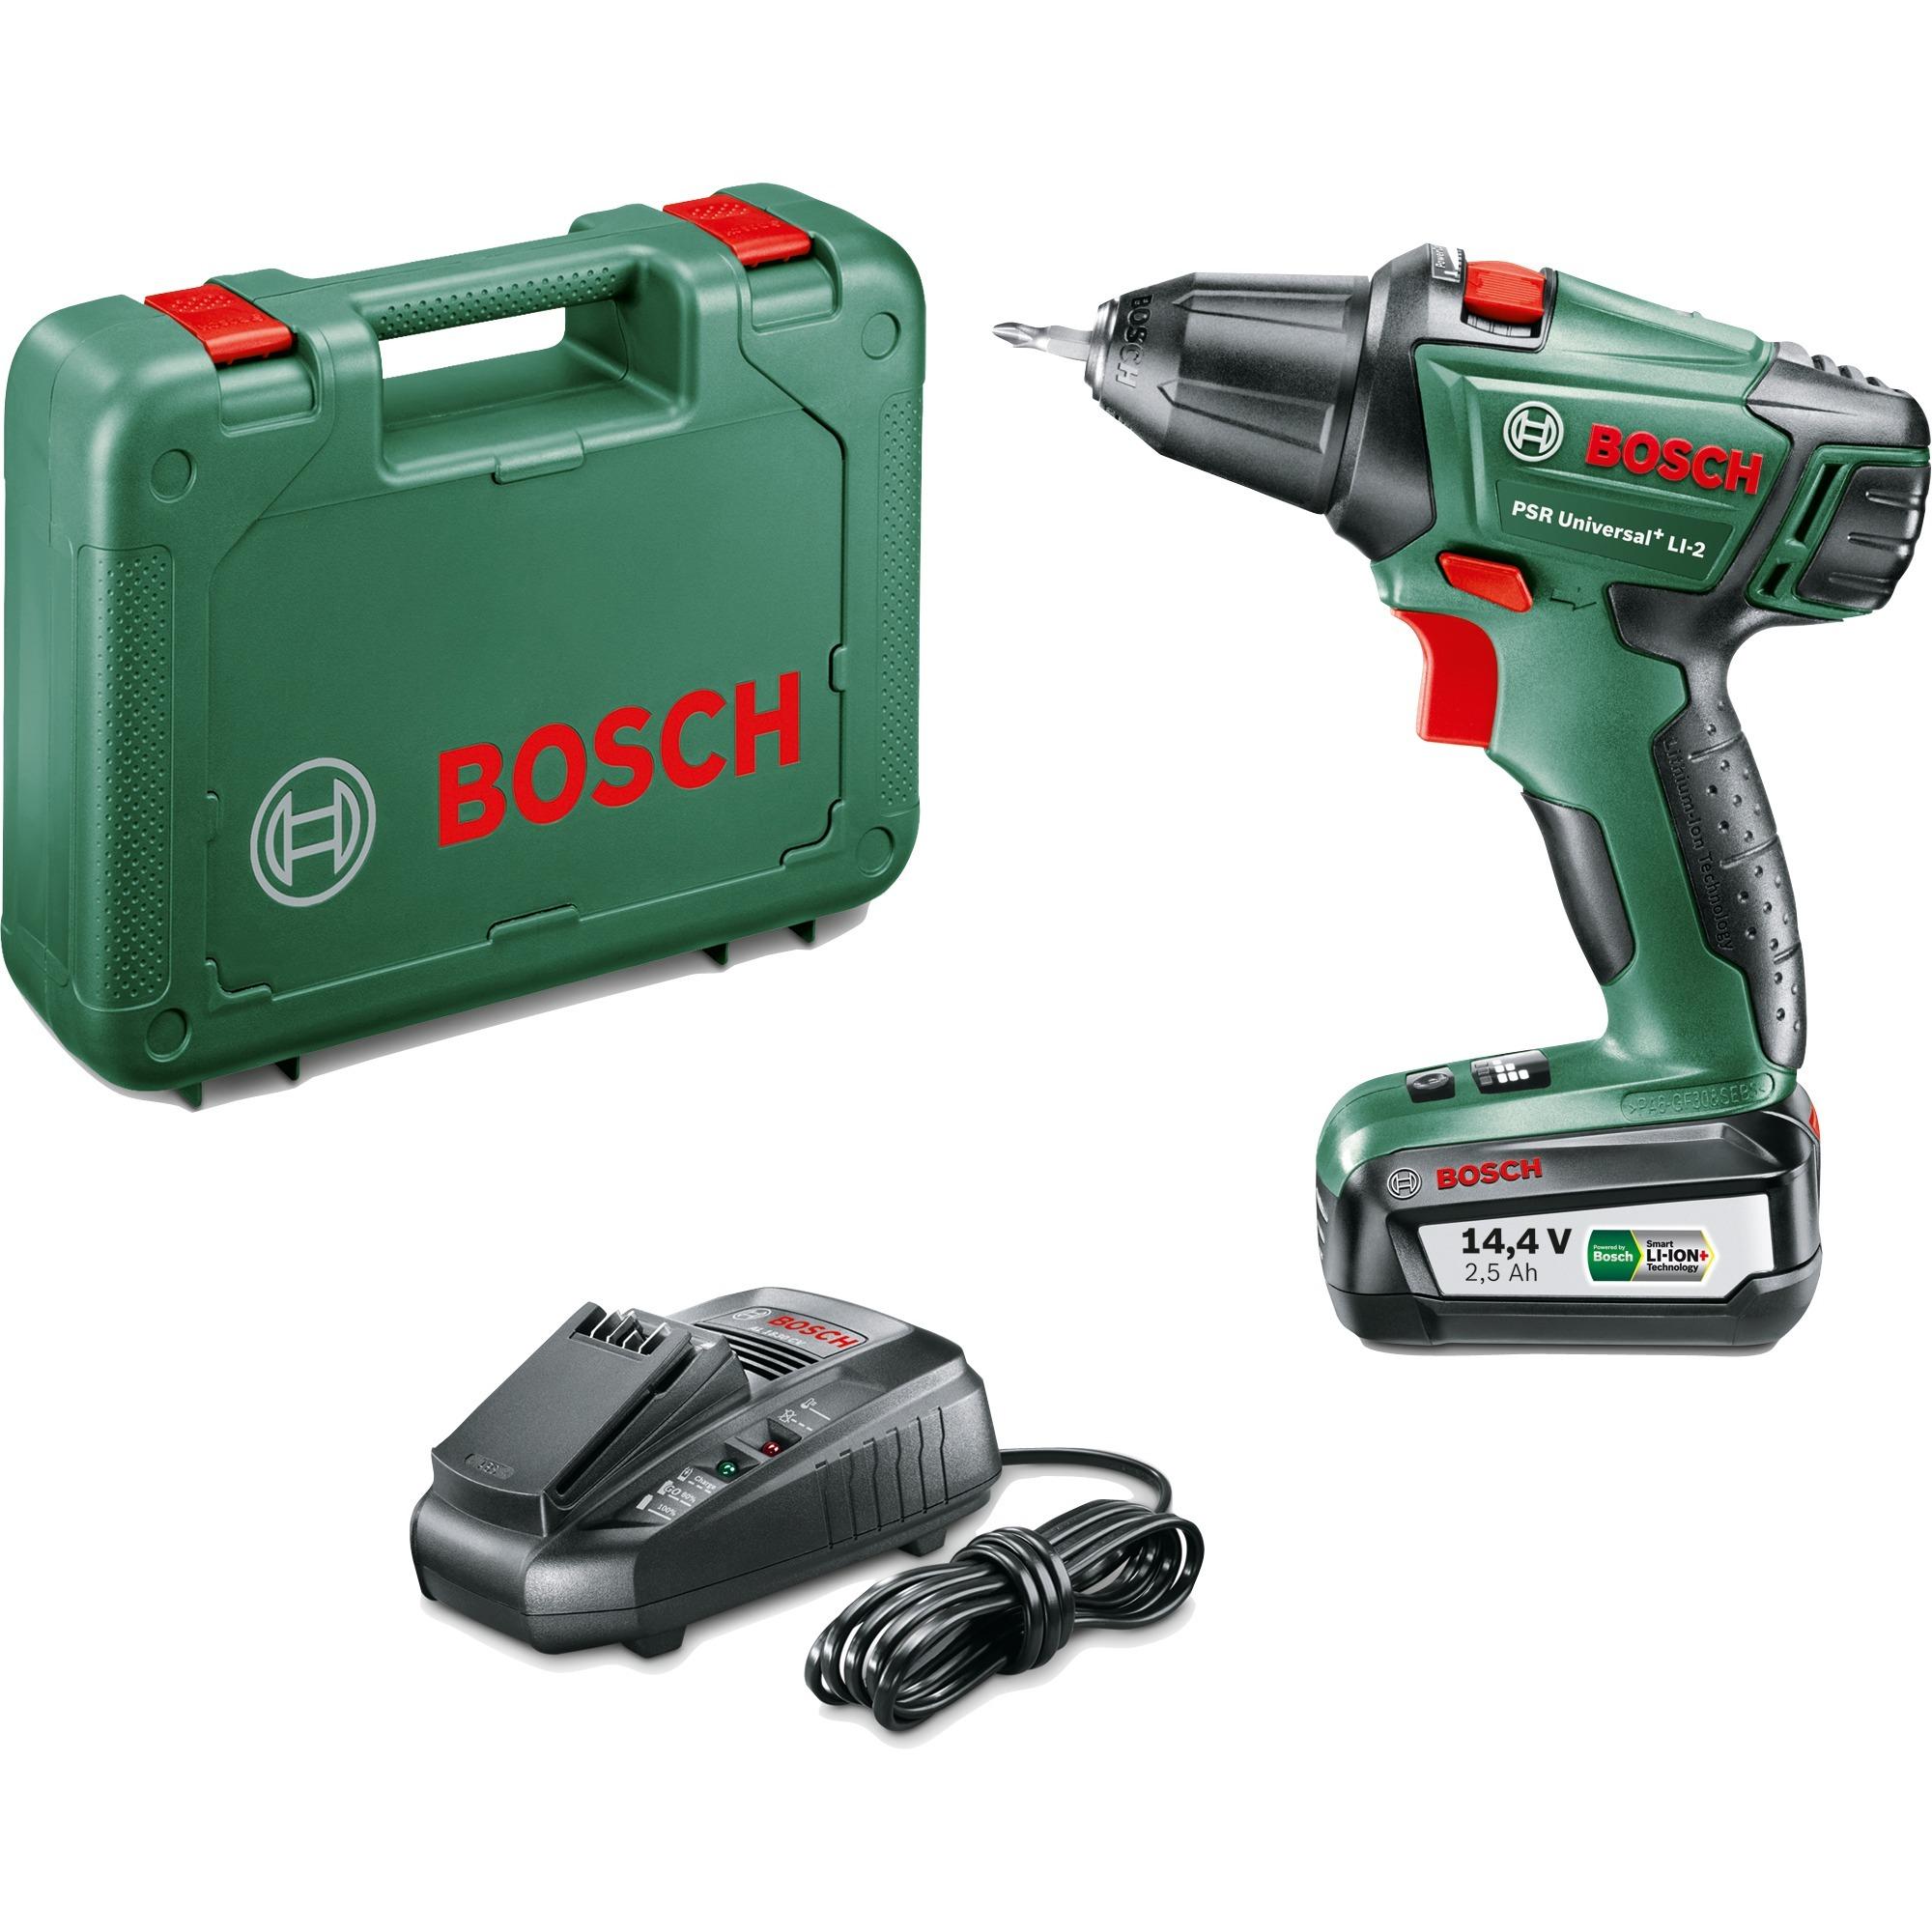 bosch akku-bohrschrauber psr universal+ li2 14,4v grün/schwarz